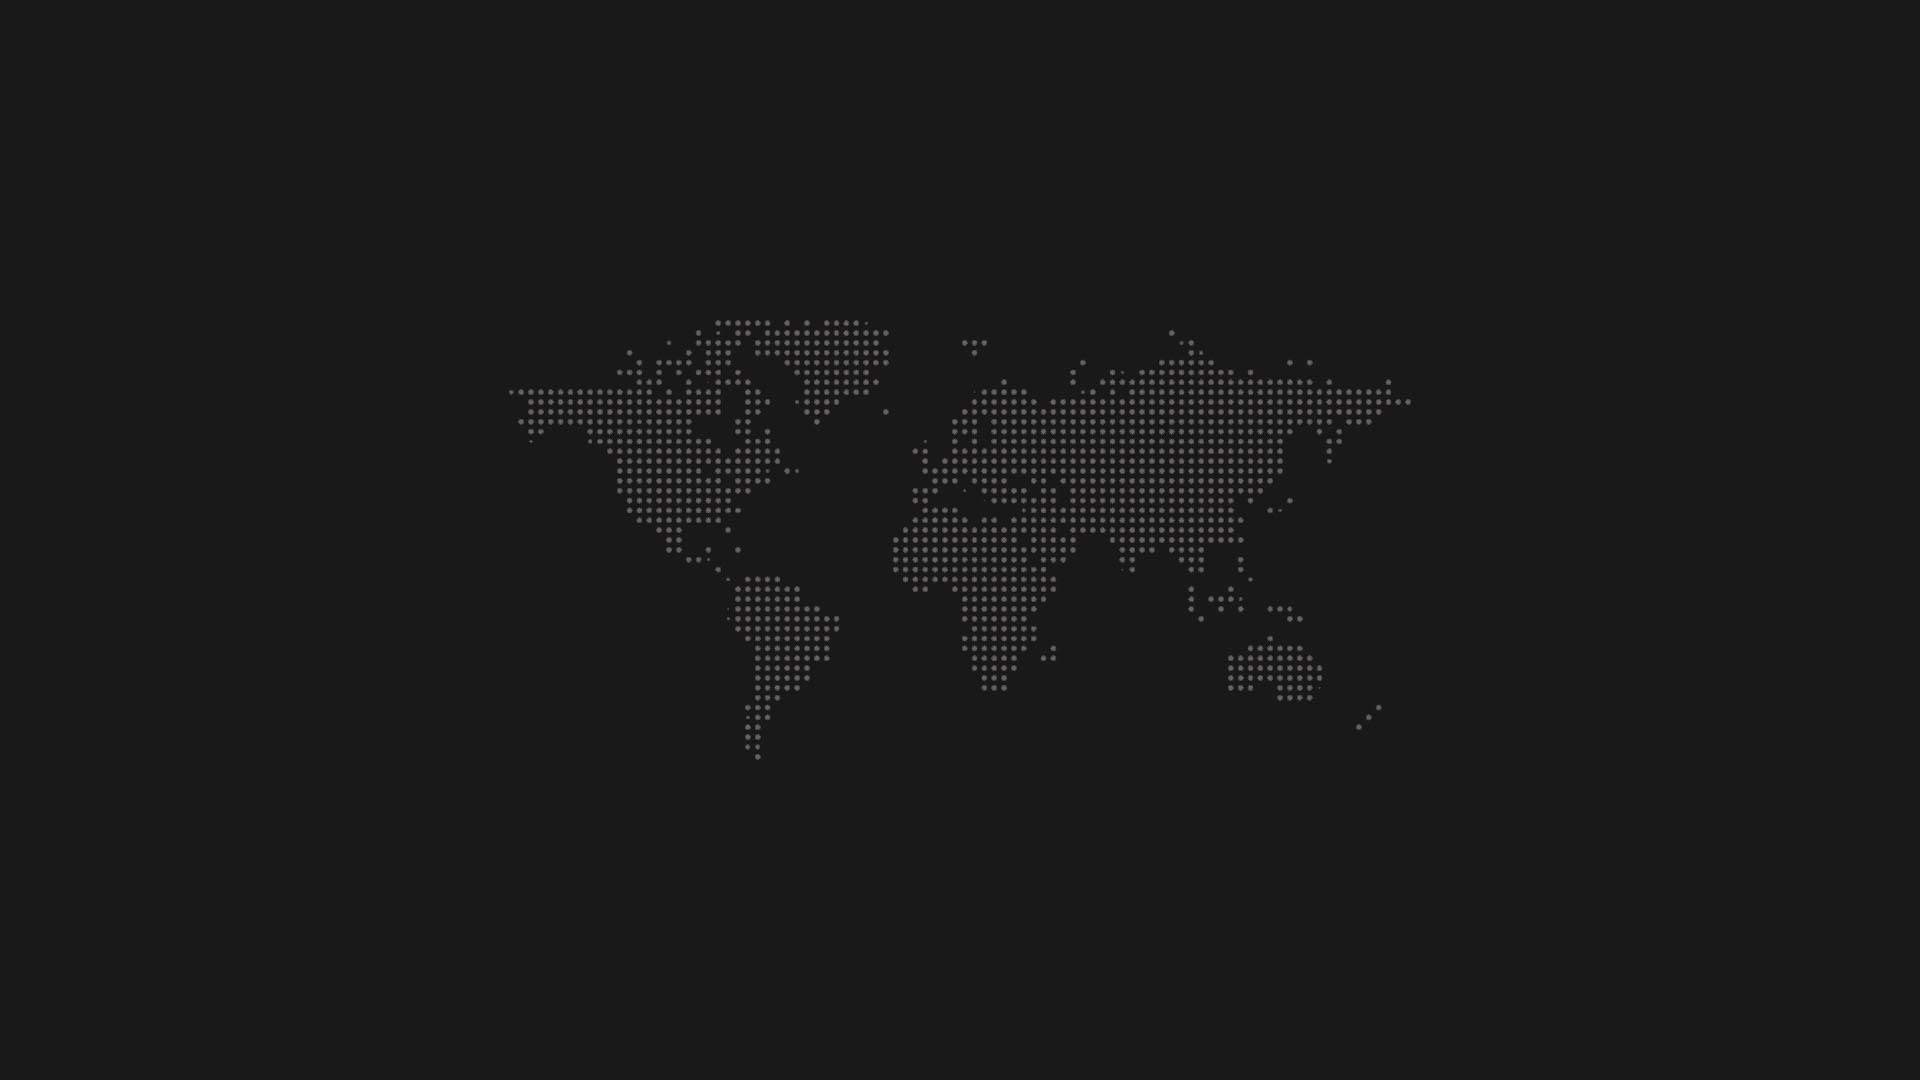 Live world map desktop wallpaper wallpapersafari dark world map wallpaper 4694 4941 hd wallpapersjpg 1920x1080 gumiabroncs Images